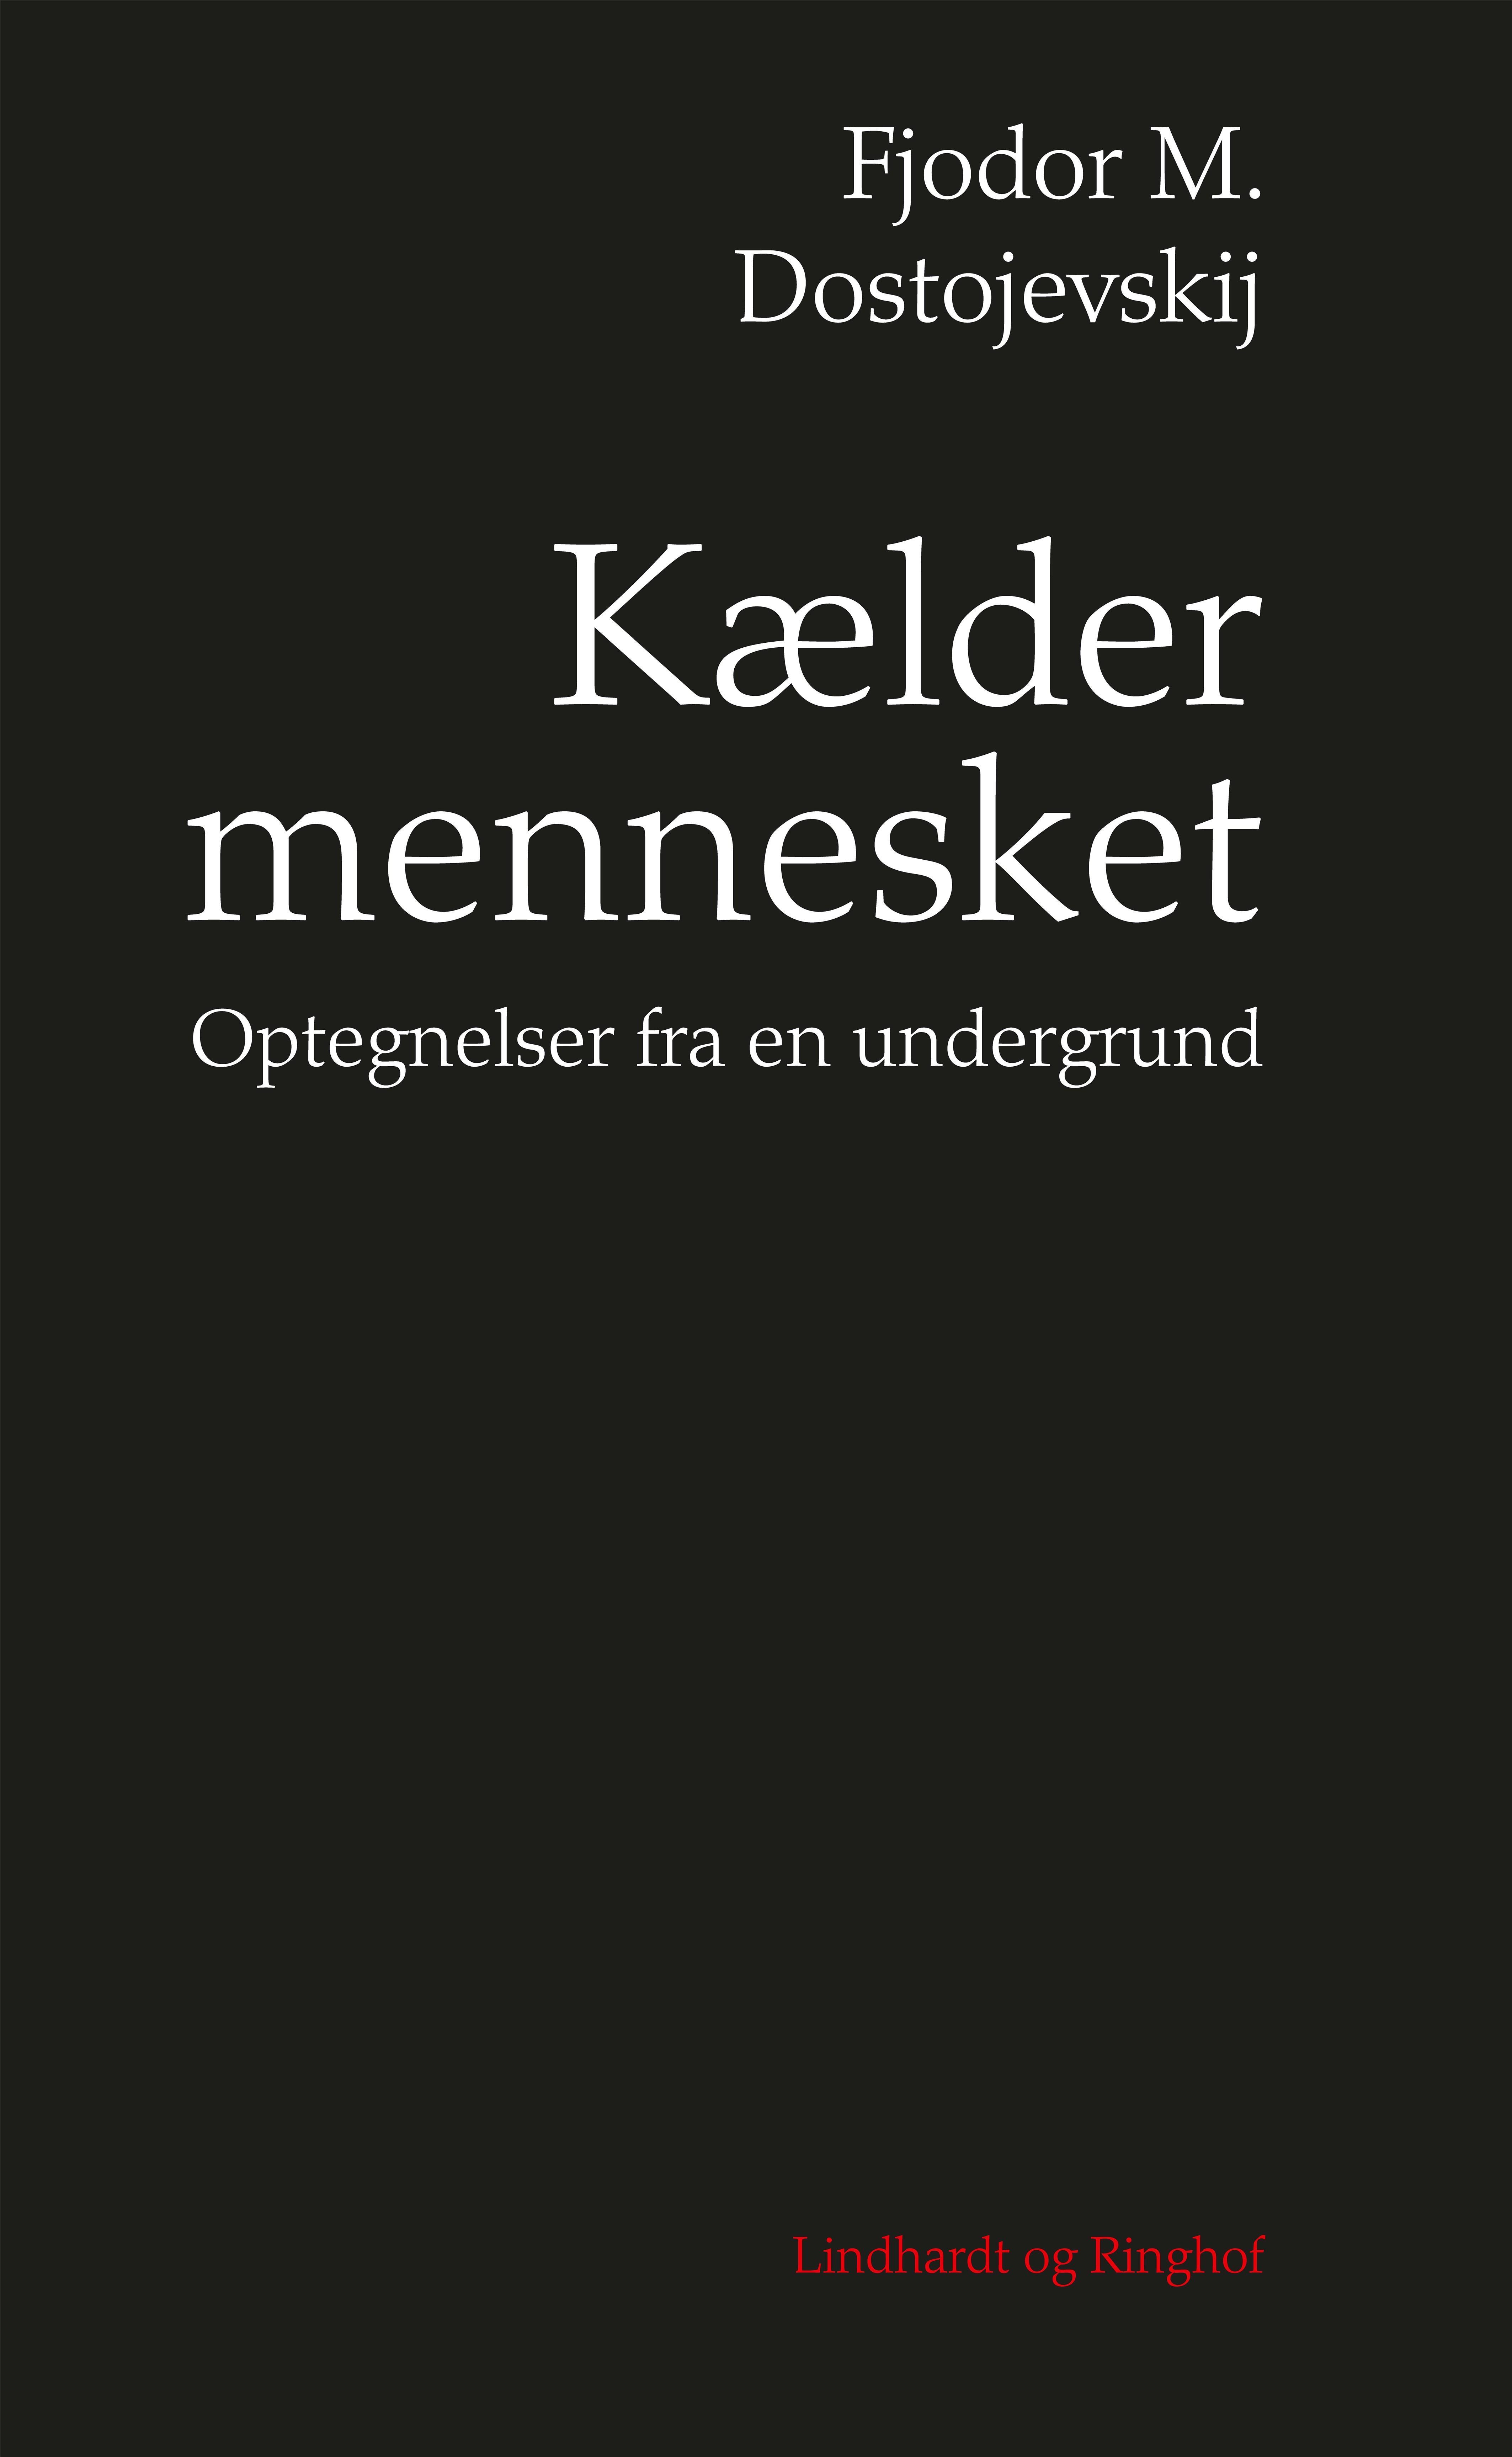 Kældermennesket - Fjodor Dostojevskij - Bøger - Lindhardt og Ringhof - 9788711902349 - 23/4-2018